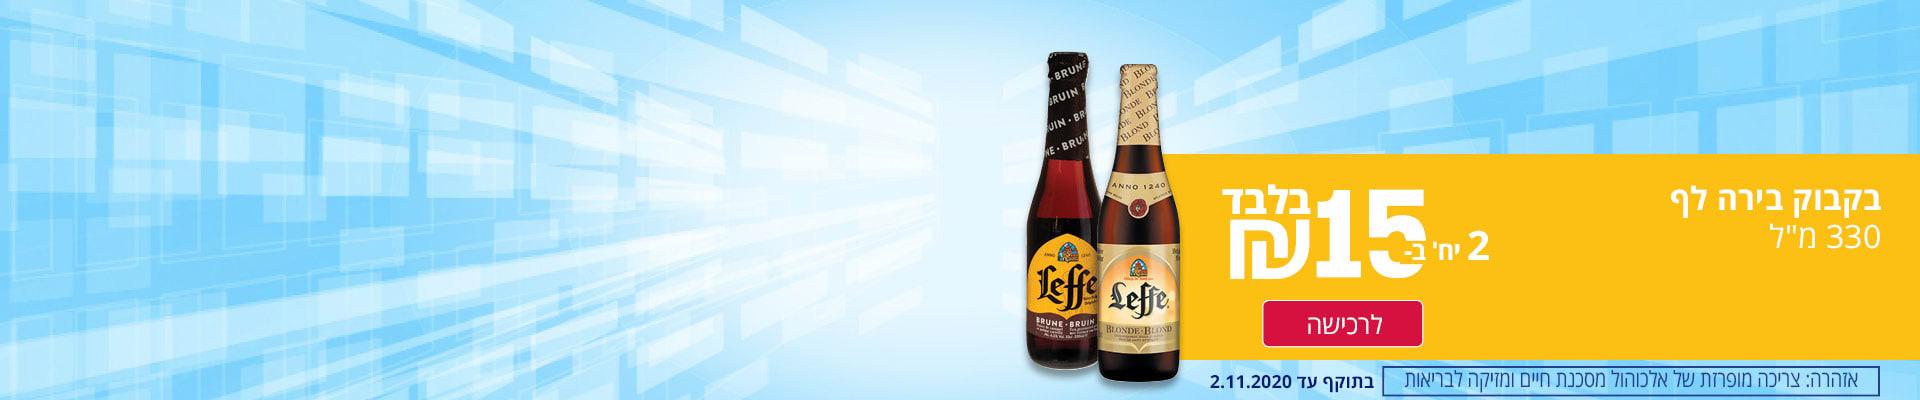 """בקבוק בירה לף 330 מ""""ל 2 יחידות ב 15 ₪. בתוקף עד 2.11.2020. אזהרה: צריכה מופרזת של אלכוהול מסכנת חיים ומזיקה לבריאות."""